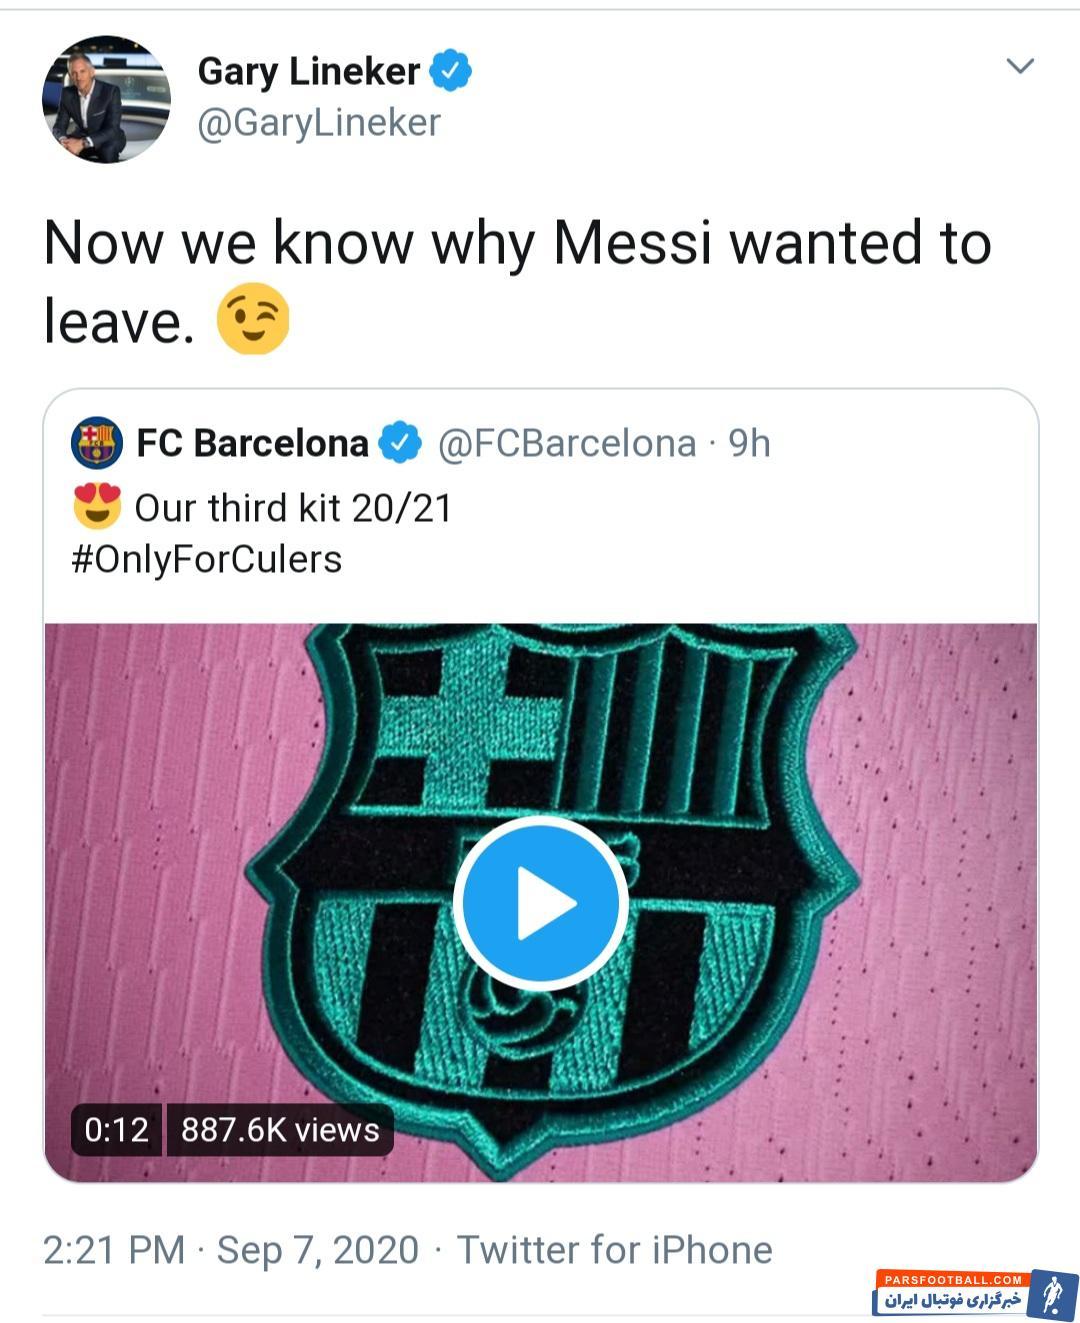 گری لینه کر مجری معروف انگلیسی و ستاره سابق بارسلونا شوخی جالبی با طرح پیراهن سوم این باشگاه انجام داد.